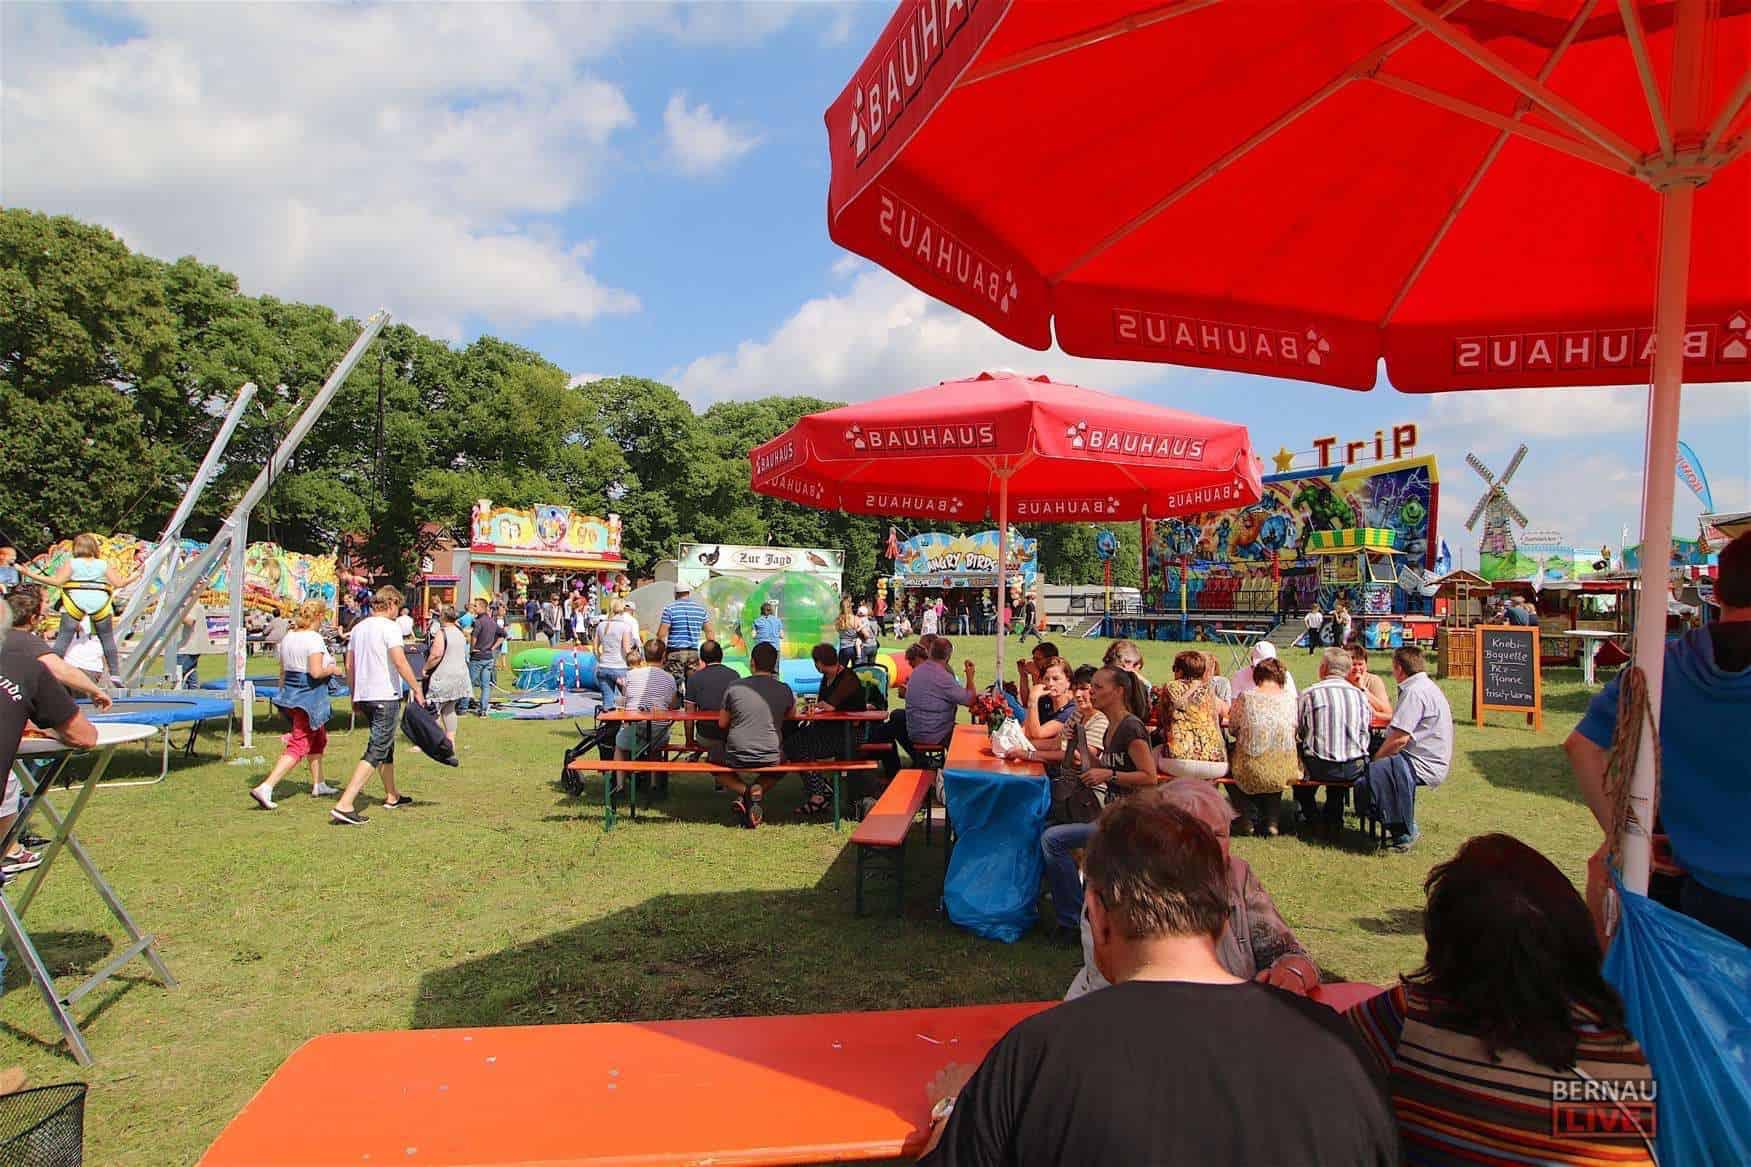 Dorf- und Vereinsfest im wunderschönen Rüdnitz